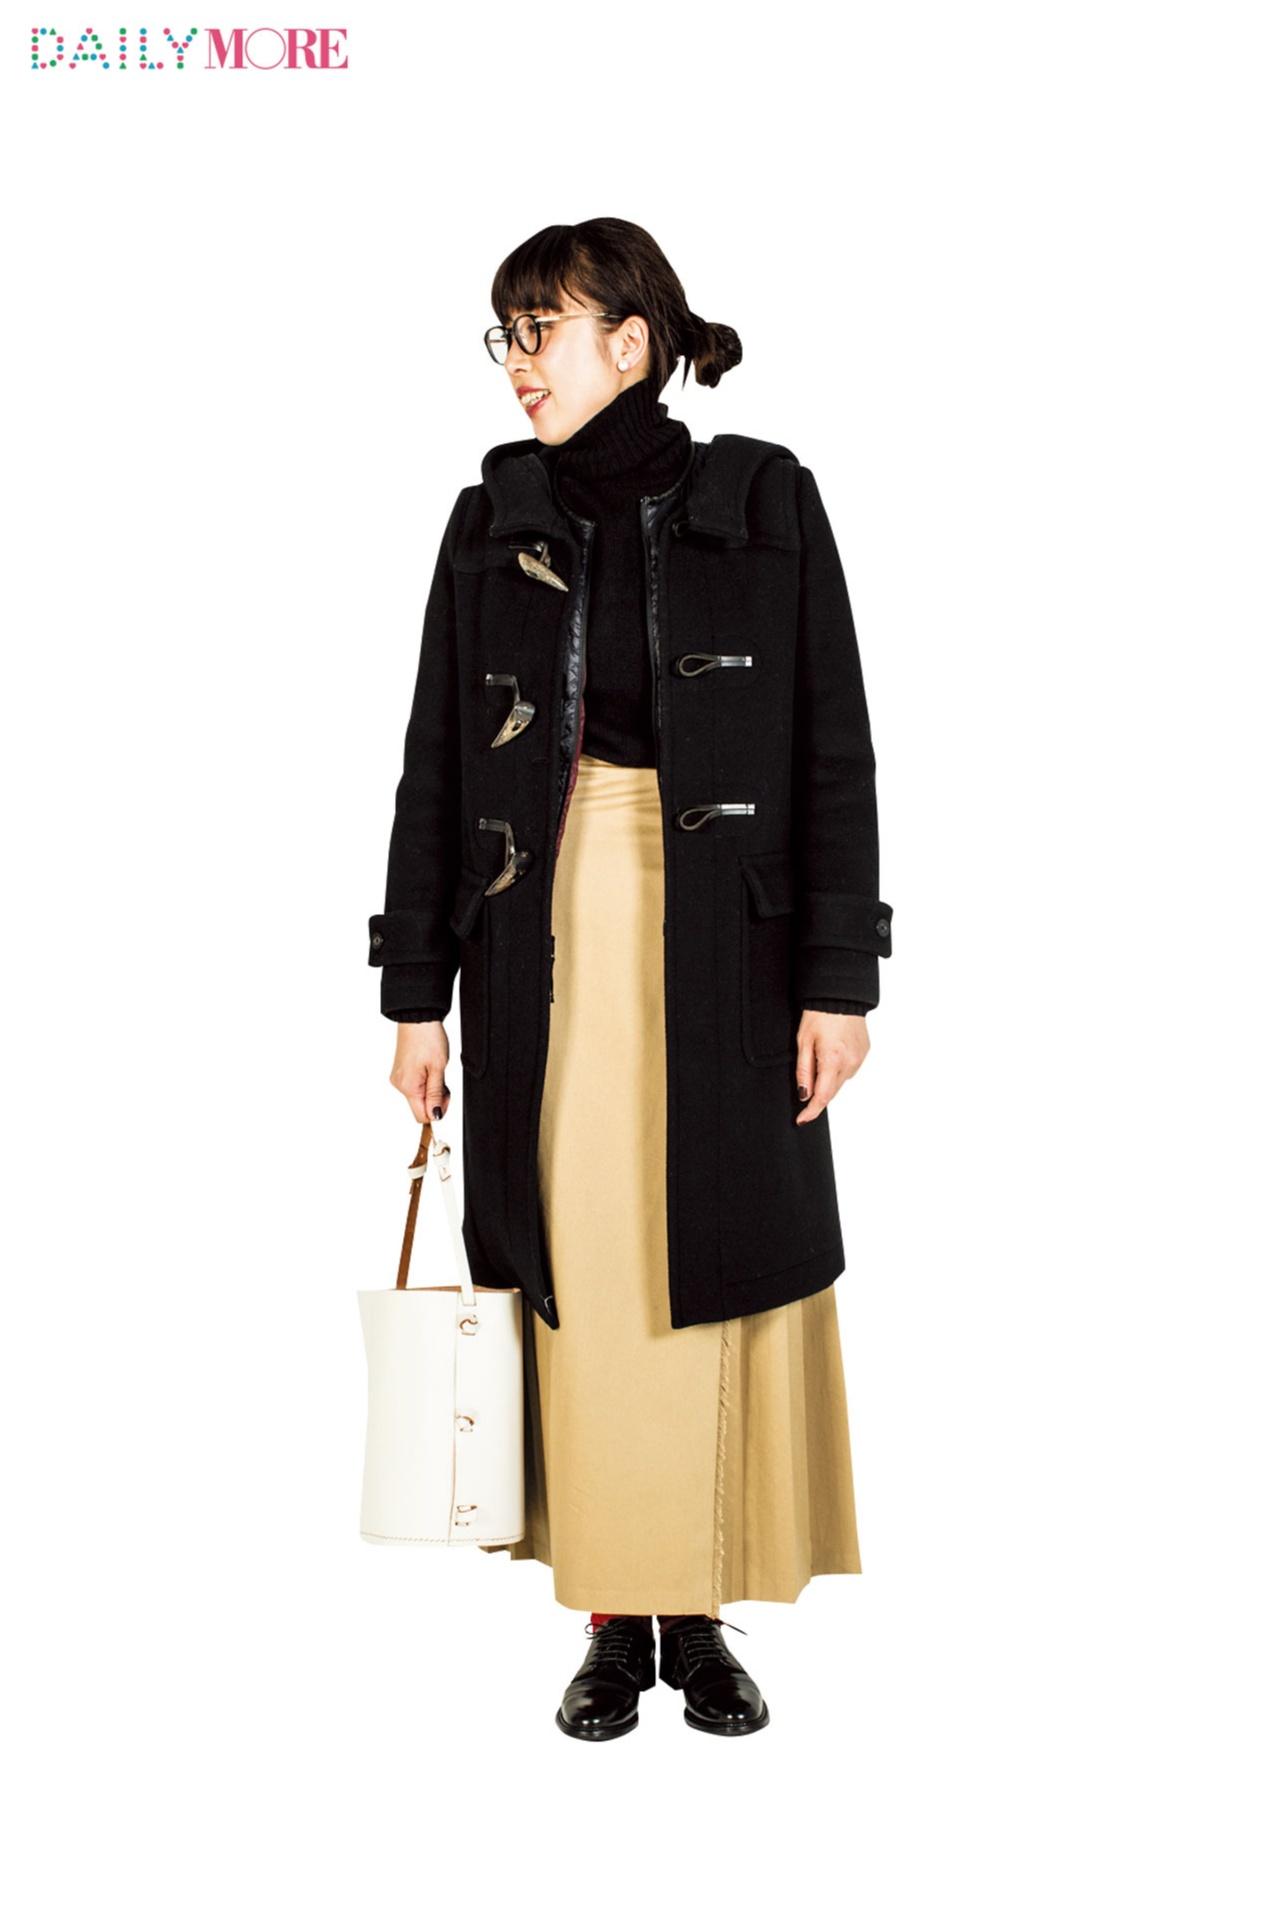 【こんなに着てるなんて、ウソでしょ!?】寒がりスタイリスト・石上美津江の絶対に着太りしない厚着ルポ_3